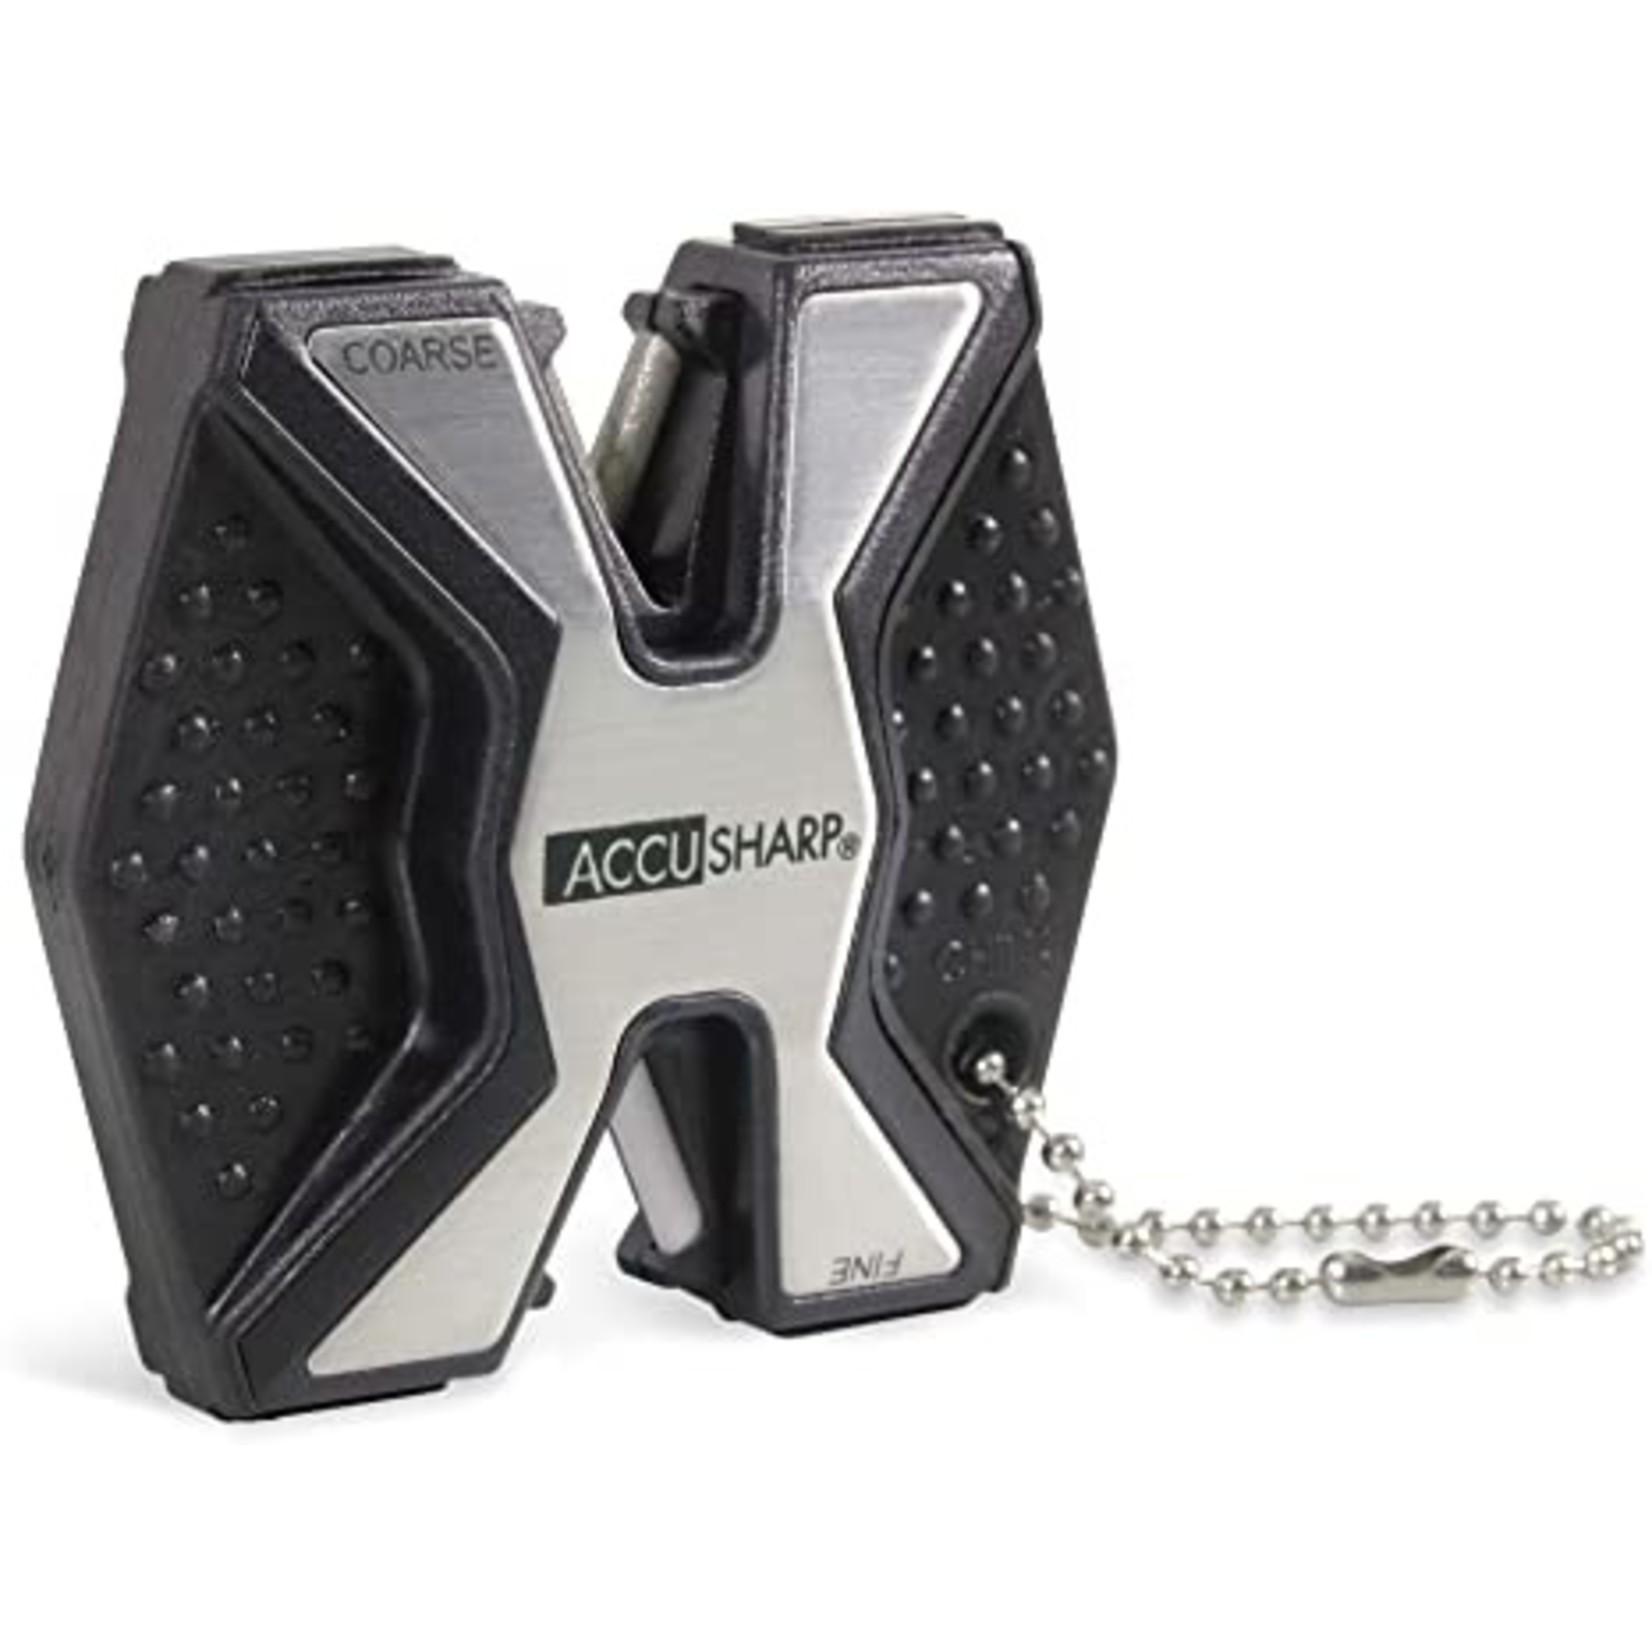 AccuSharp Accu Sharp Diamond 2 Step Knife Sharpener